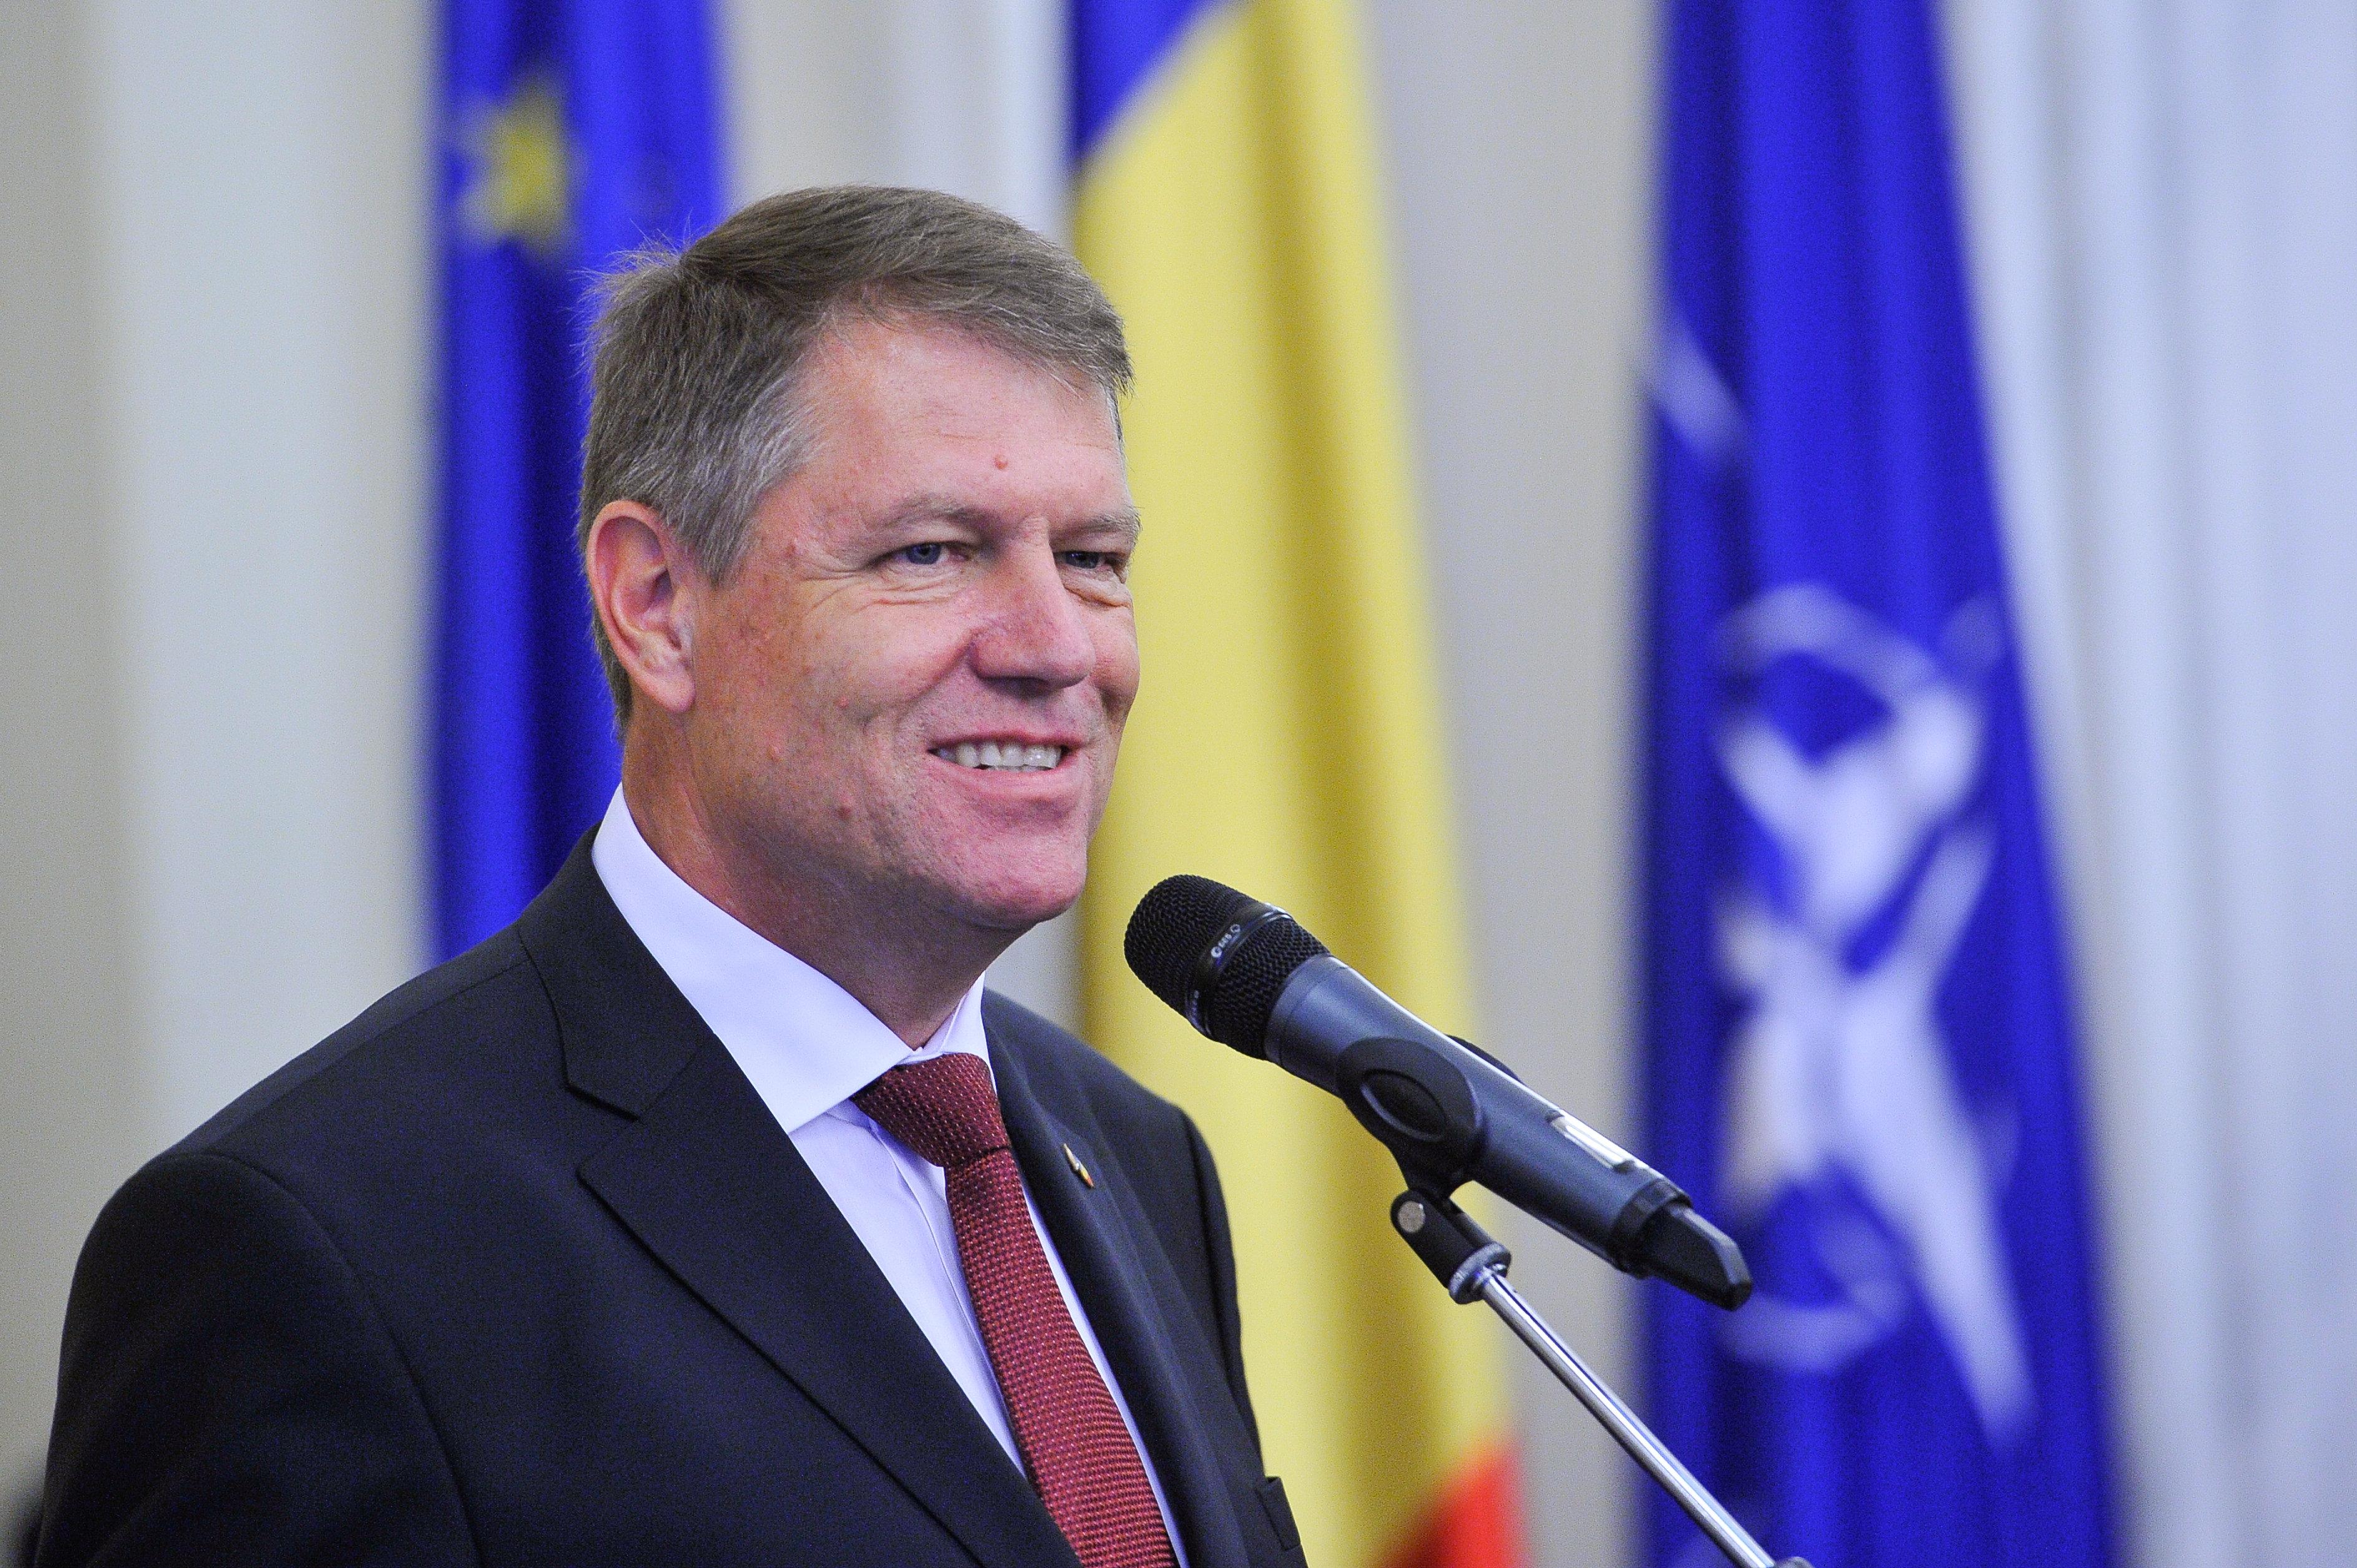 Ce salariu are Klaus Iohannis și cât va câștiga dacă noua lege a salarizării va intra în vigoare